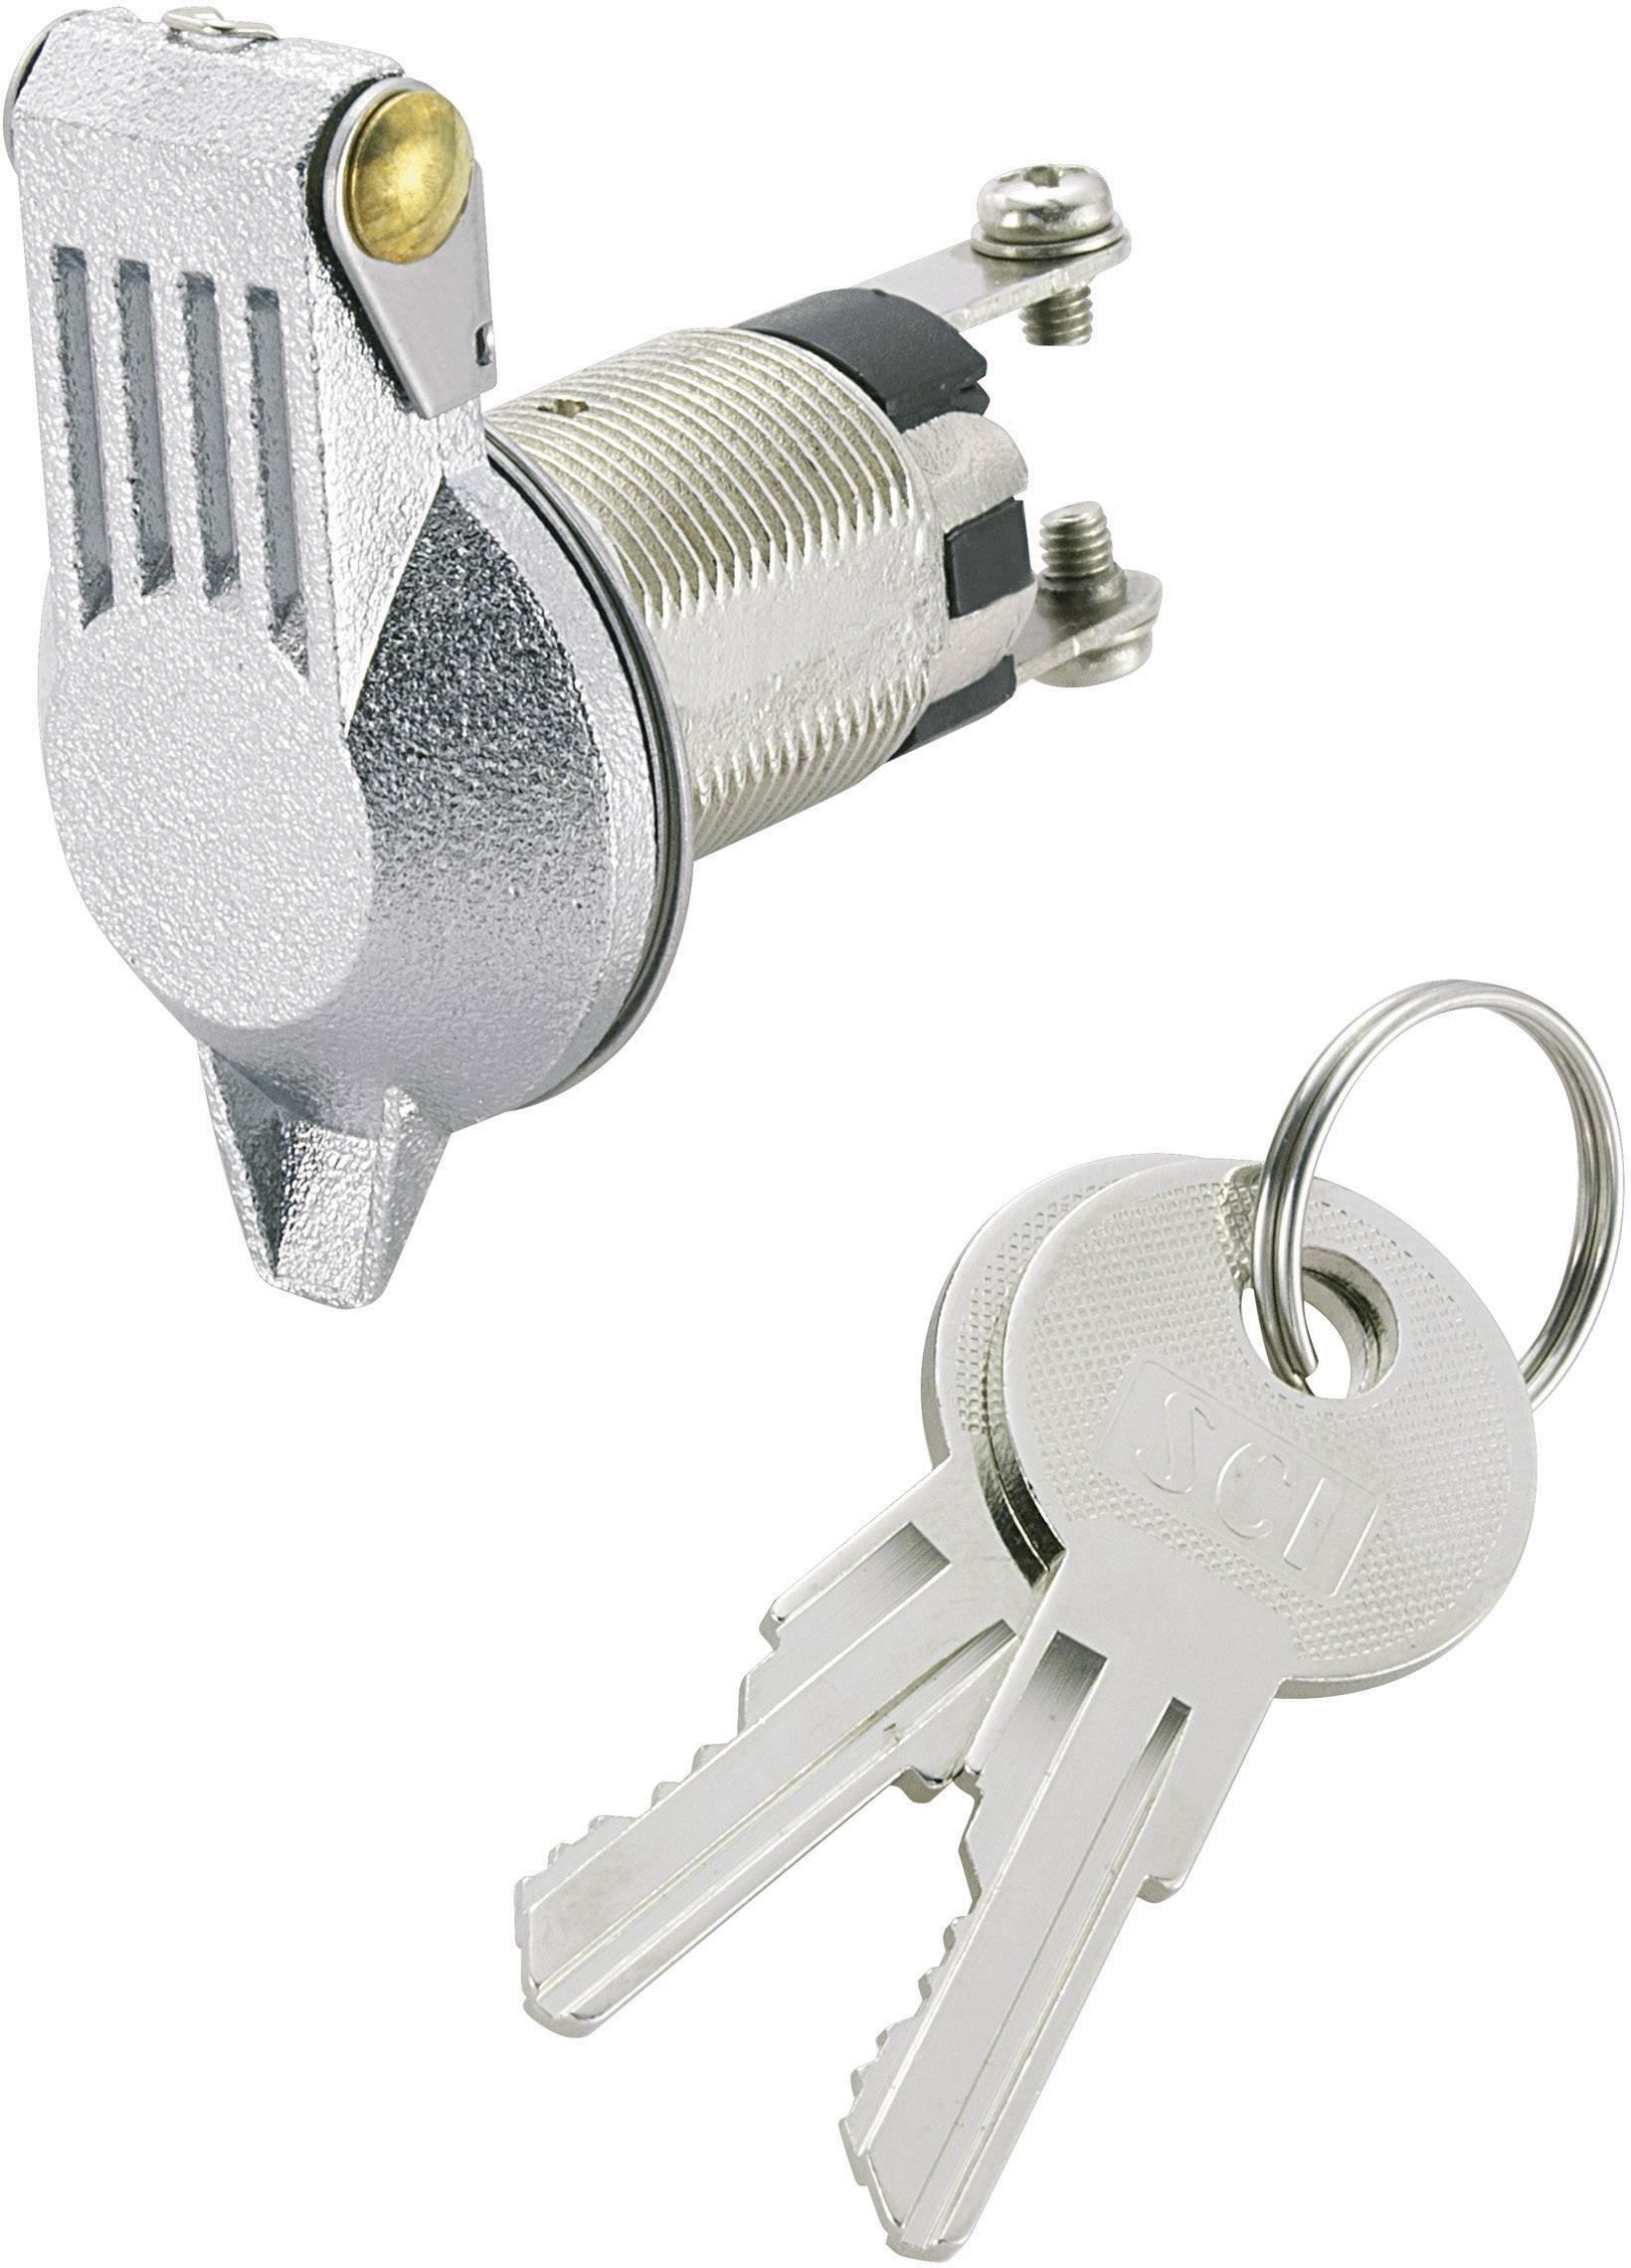 Kľúčový spínač SCI K3-16B-06 701988, 24 V/DC, 10 A, 1x vyp/zap, 1 x 90 °, 1 ks